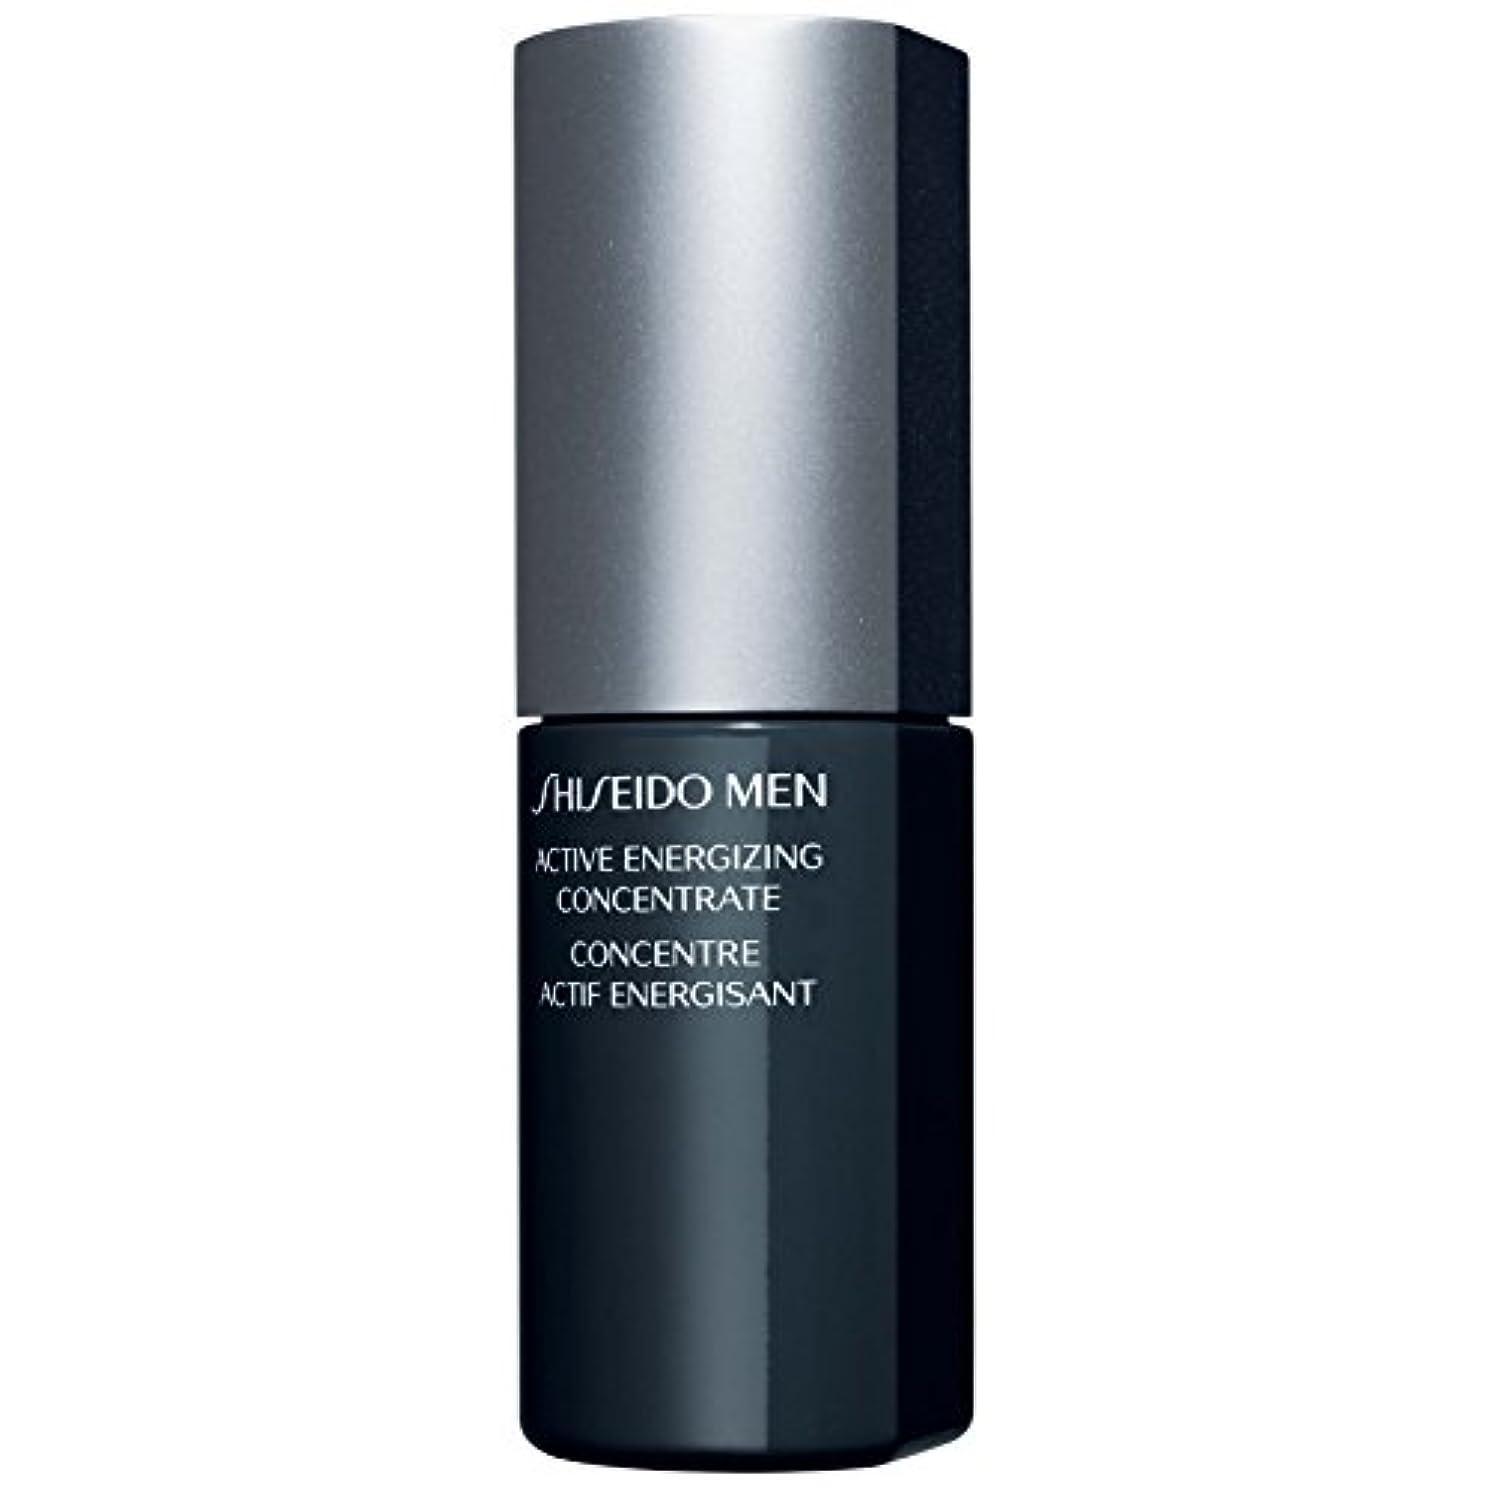 フィードオンあえてキッチン[Shiseido] 資生堂の男性アクティブ通電濃縮50ミリリットル - Shiseido Men Active Energizing Concentrate 50ml [並行輸入品]